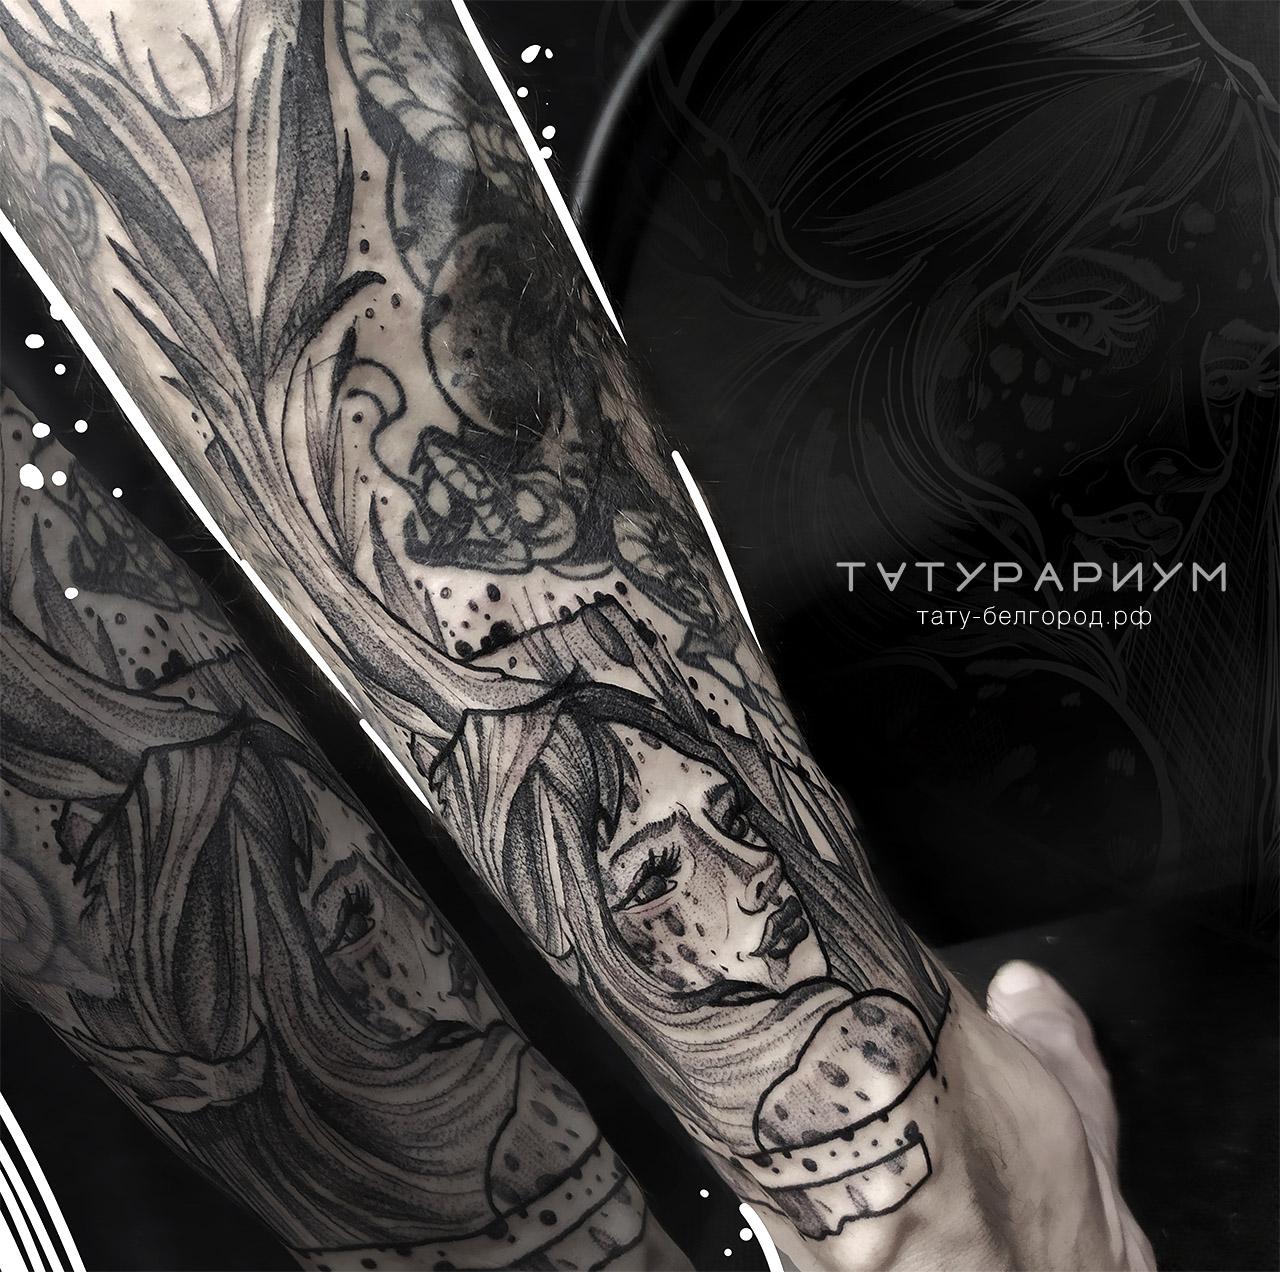 Фото татуировки, портрет девушки в стиле